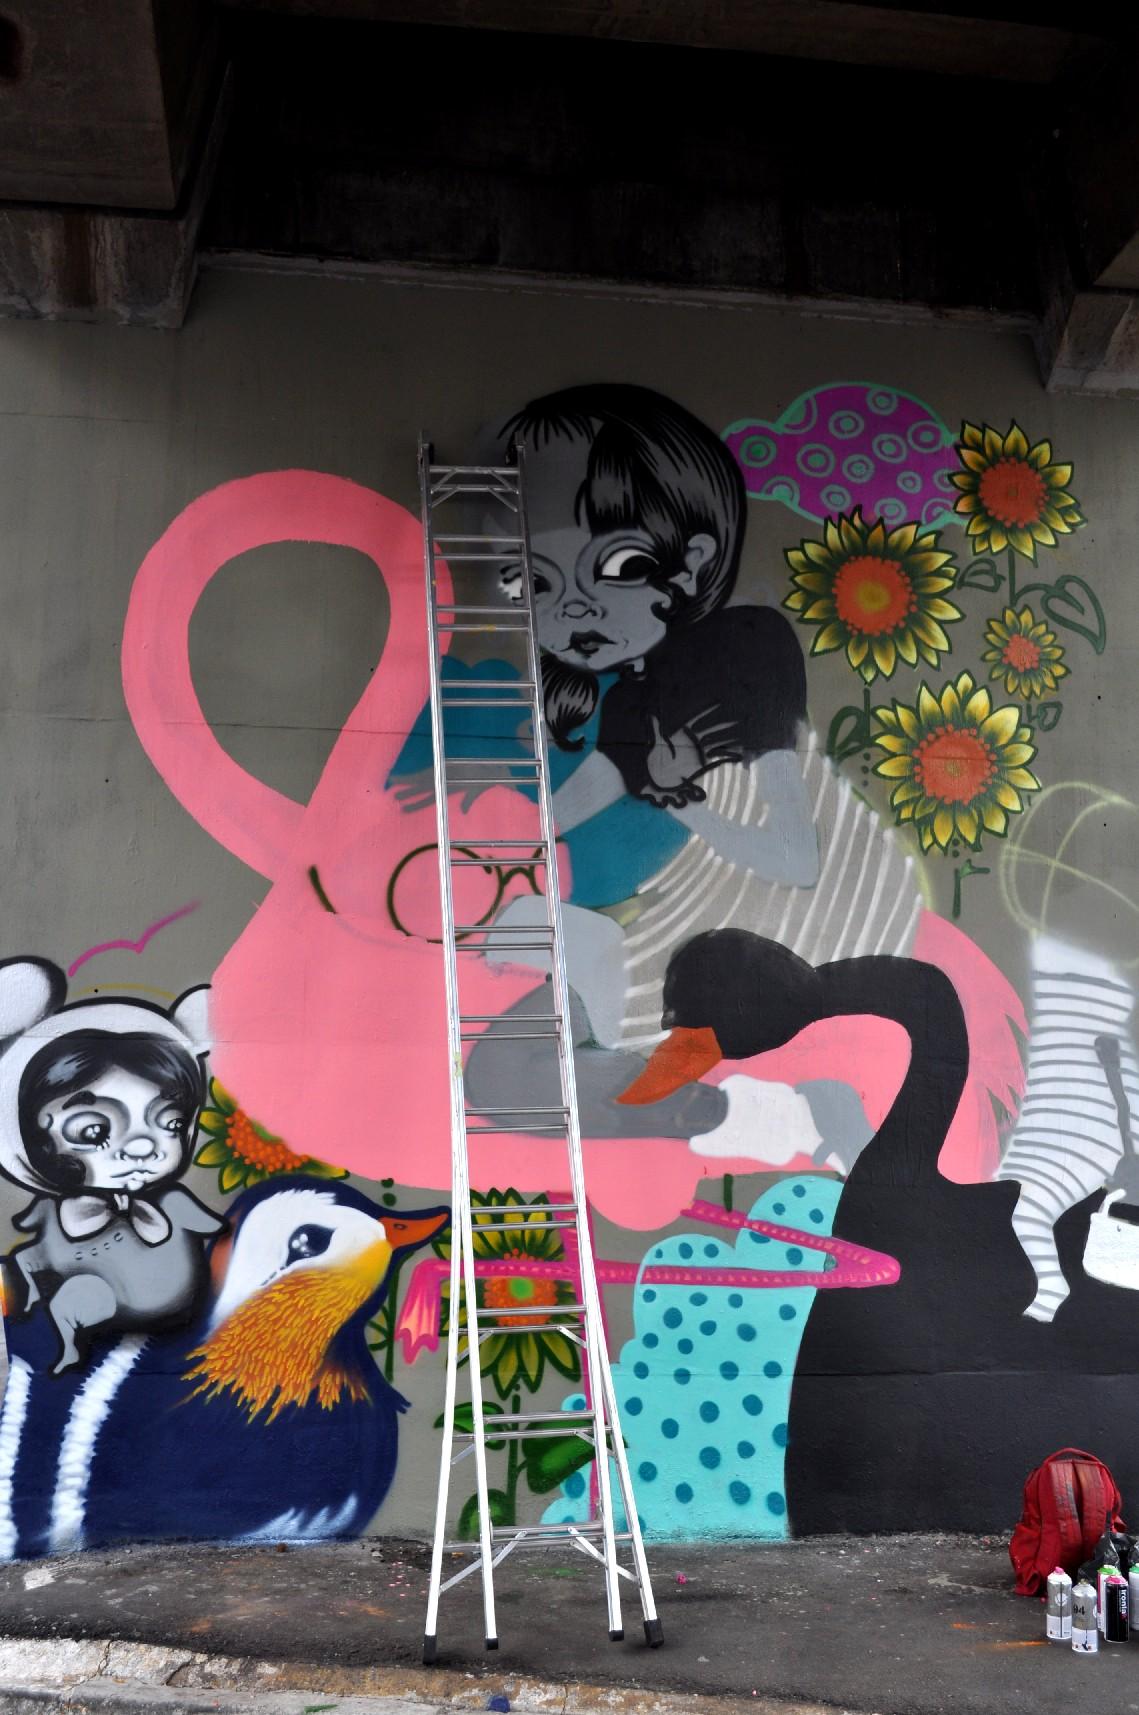 Obra da artista Tikka Meszaros (foto: Tikka Meszaros / Flickr Creative Commons)